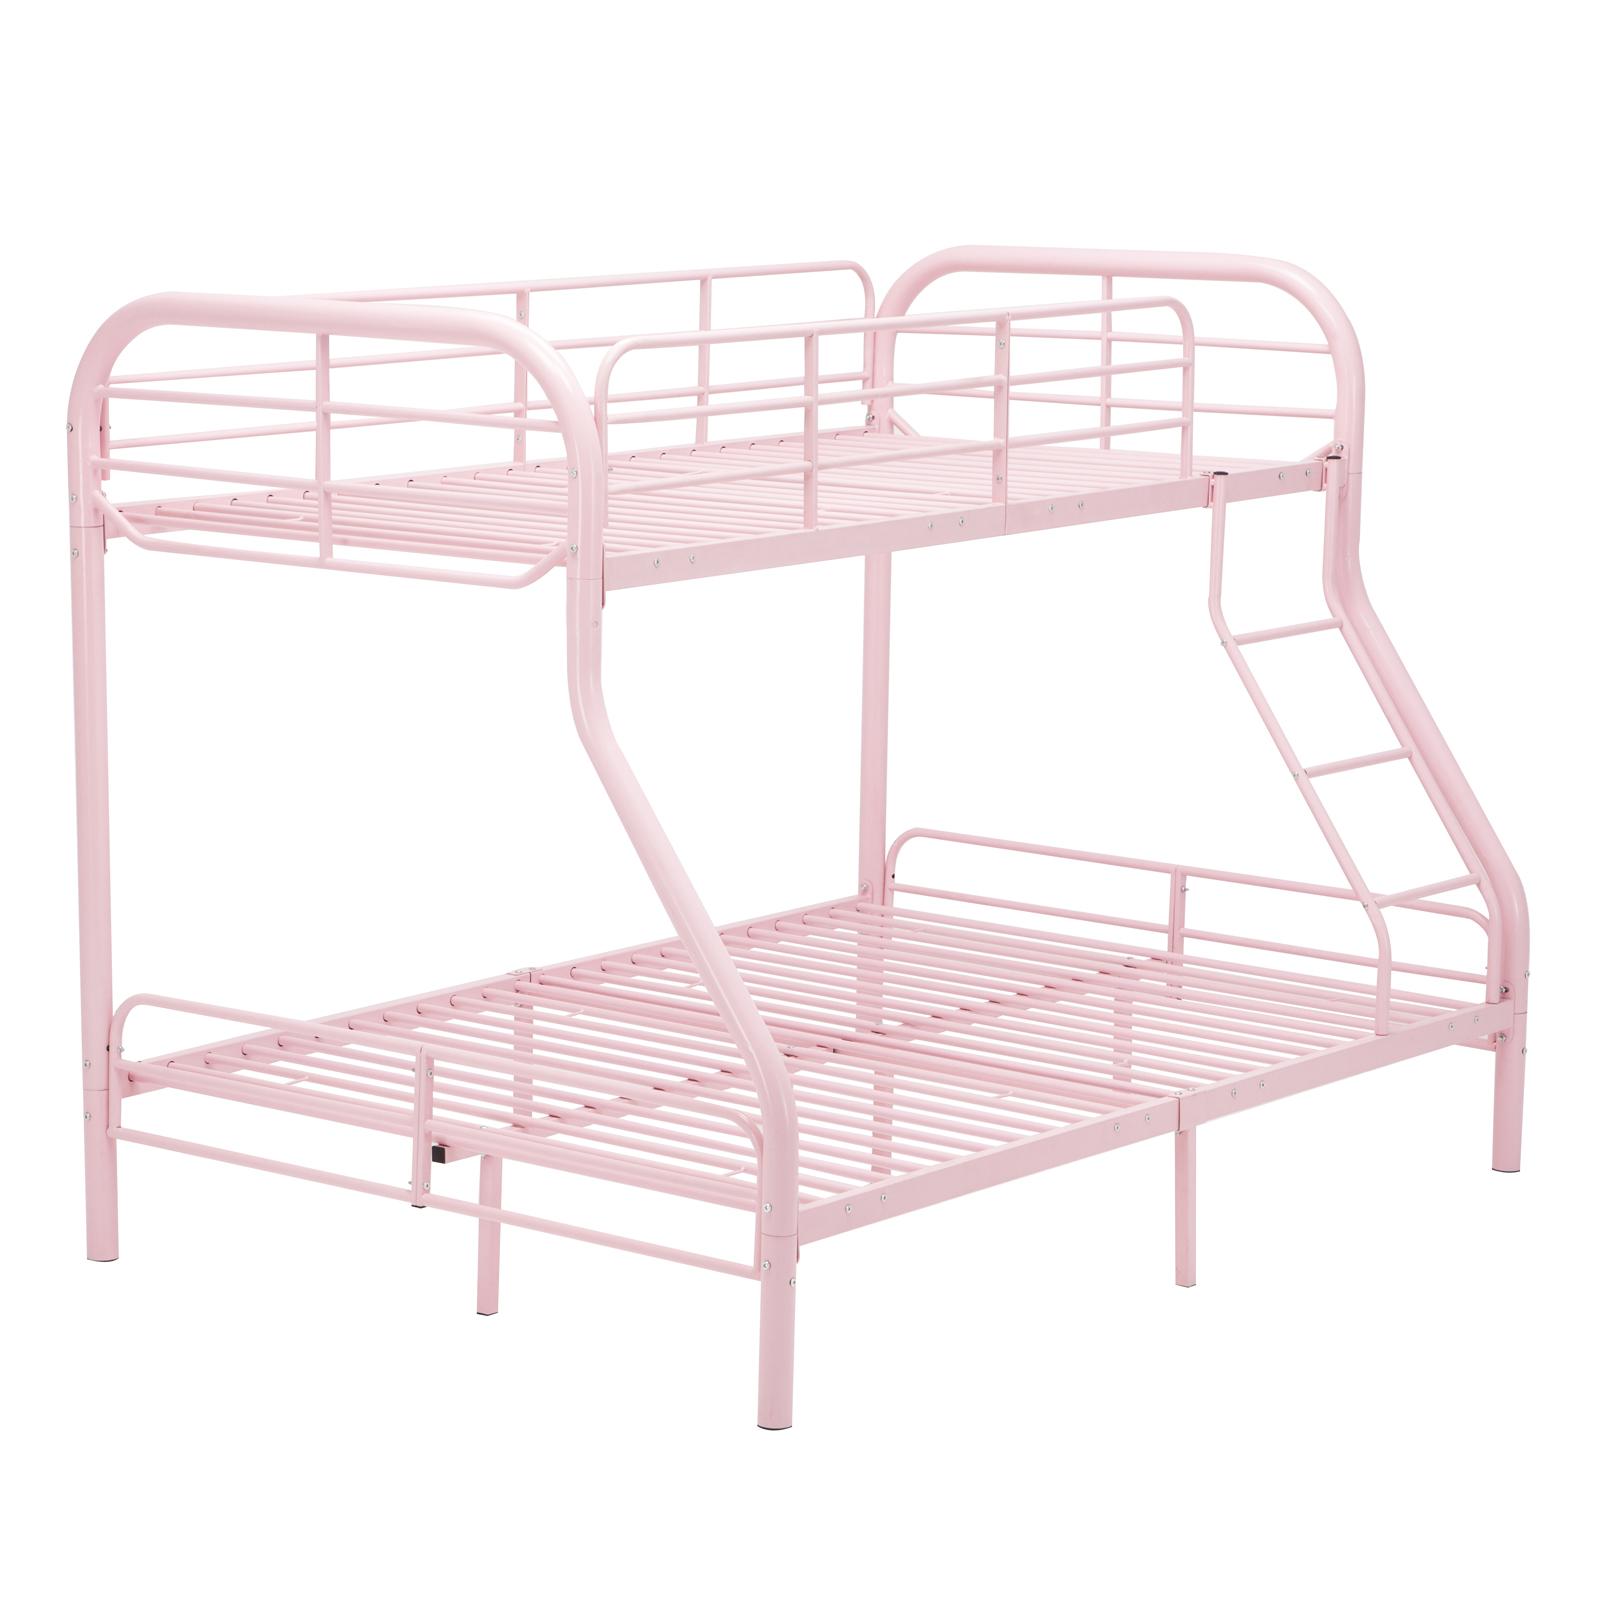 Twin over Full Bunk Bed Metal Ladder Kid Teen Dorm Loft